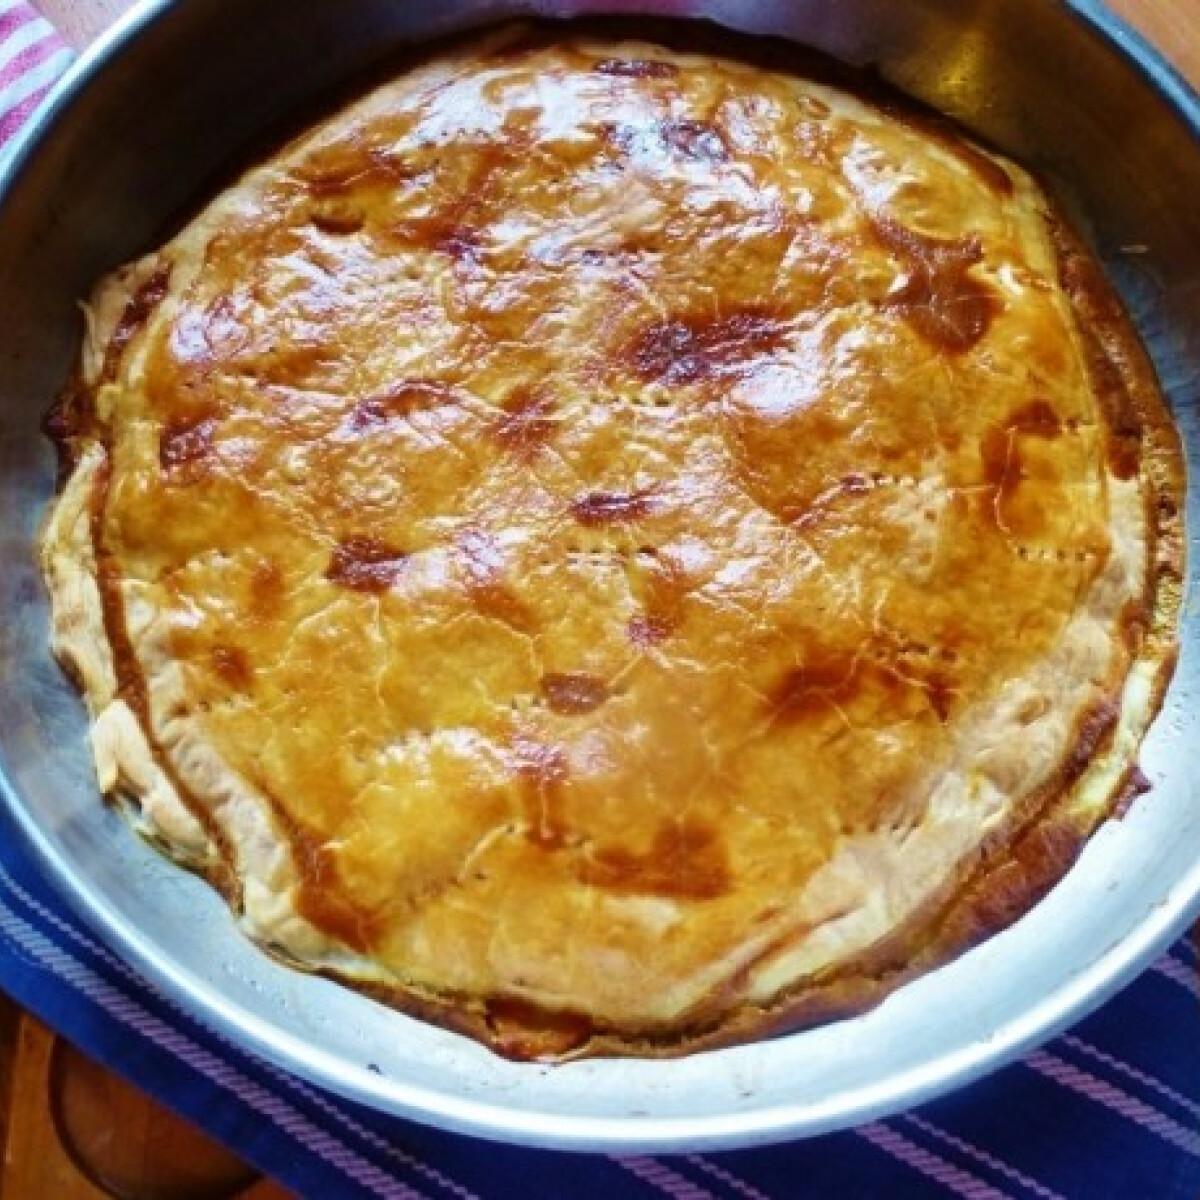 Ezen a képen: Karottás-póréhagymás csirkefilés tarte tatin